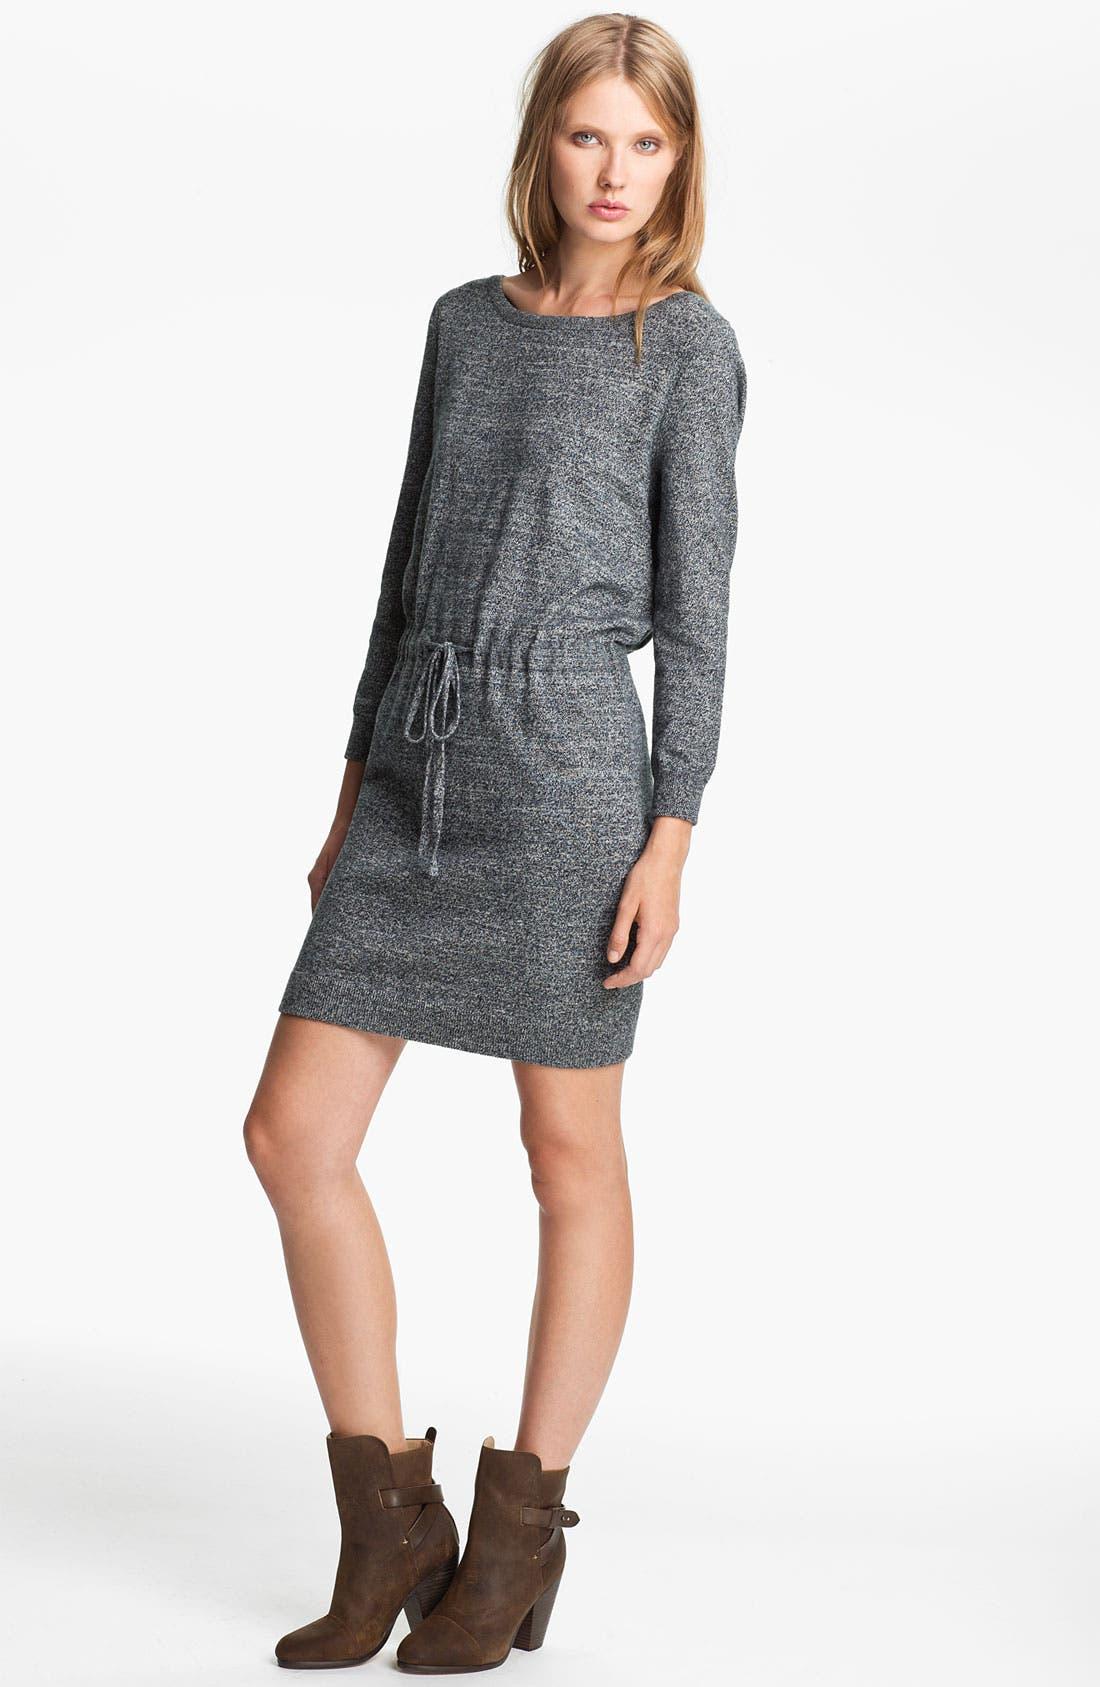 Alternate Image 1 Selected - rag & bone 'Dunn' Knit Dress